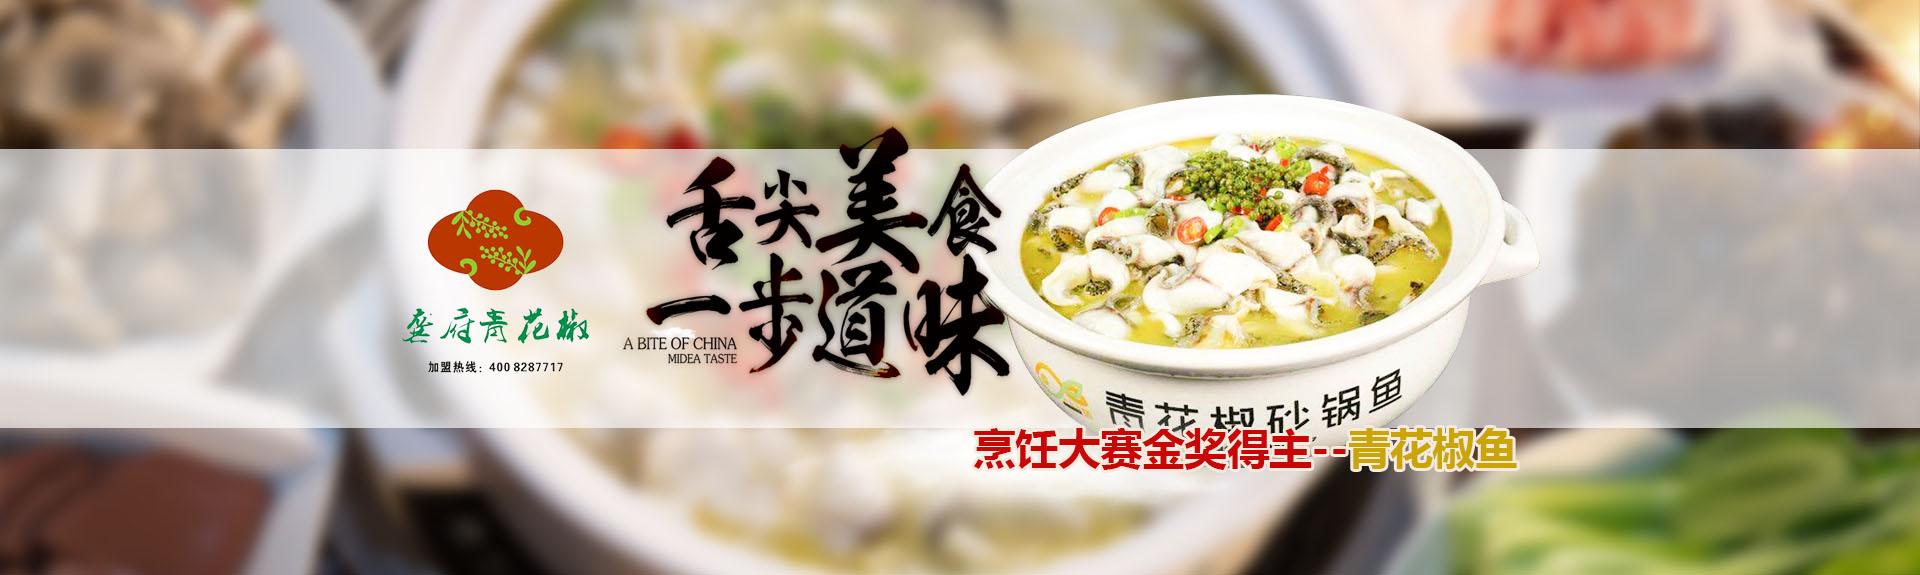 龚府酸菜鱼加盟